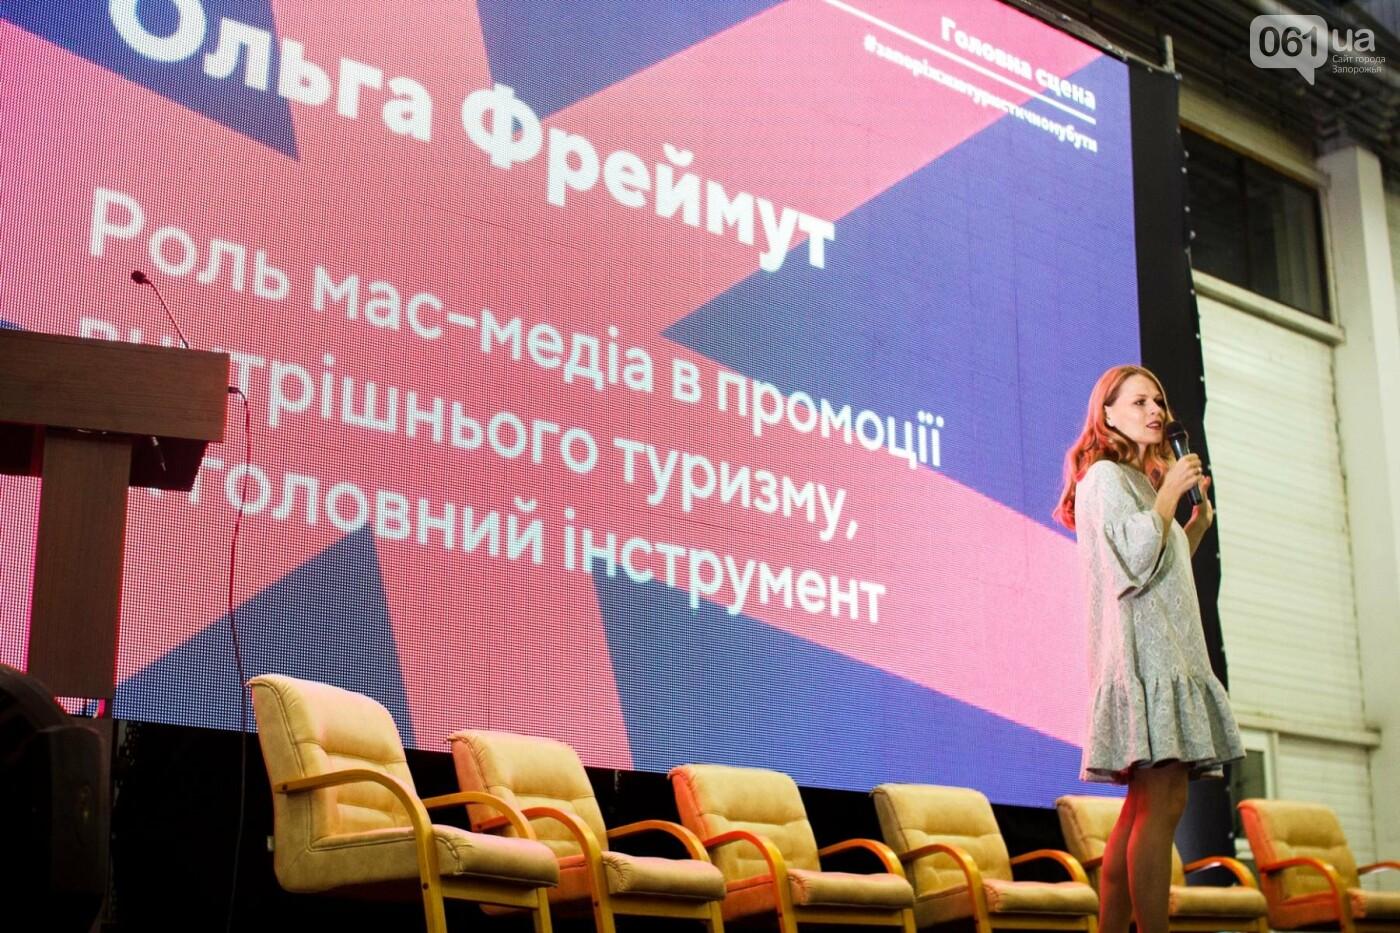 Запорожский Туристический Форум посетила телеведущая Ольга Фреймут, - ФОТОРЕПОРТАЖ, фото-22